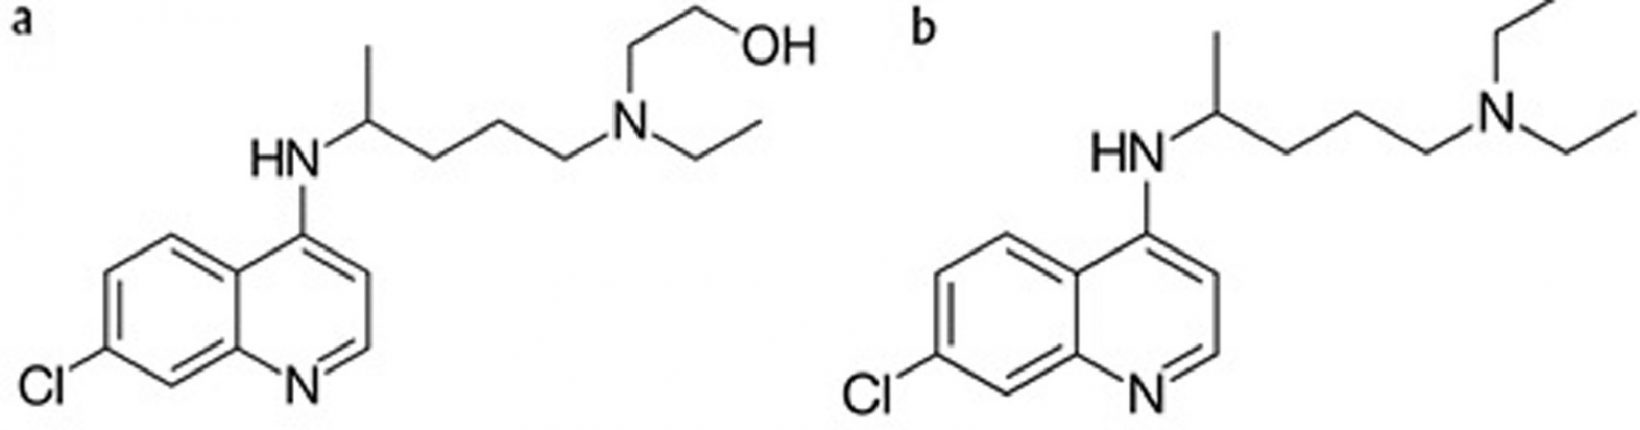 Гидроксихлорохин (a) ихлорохин (b)